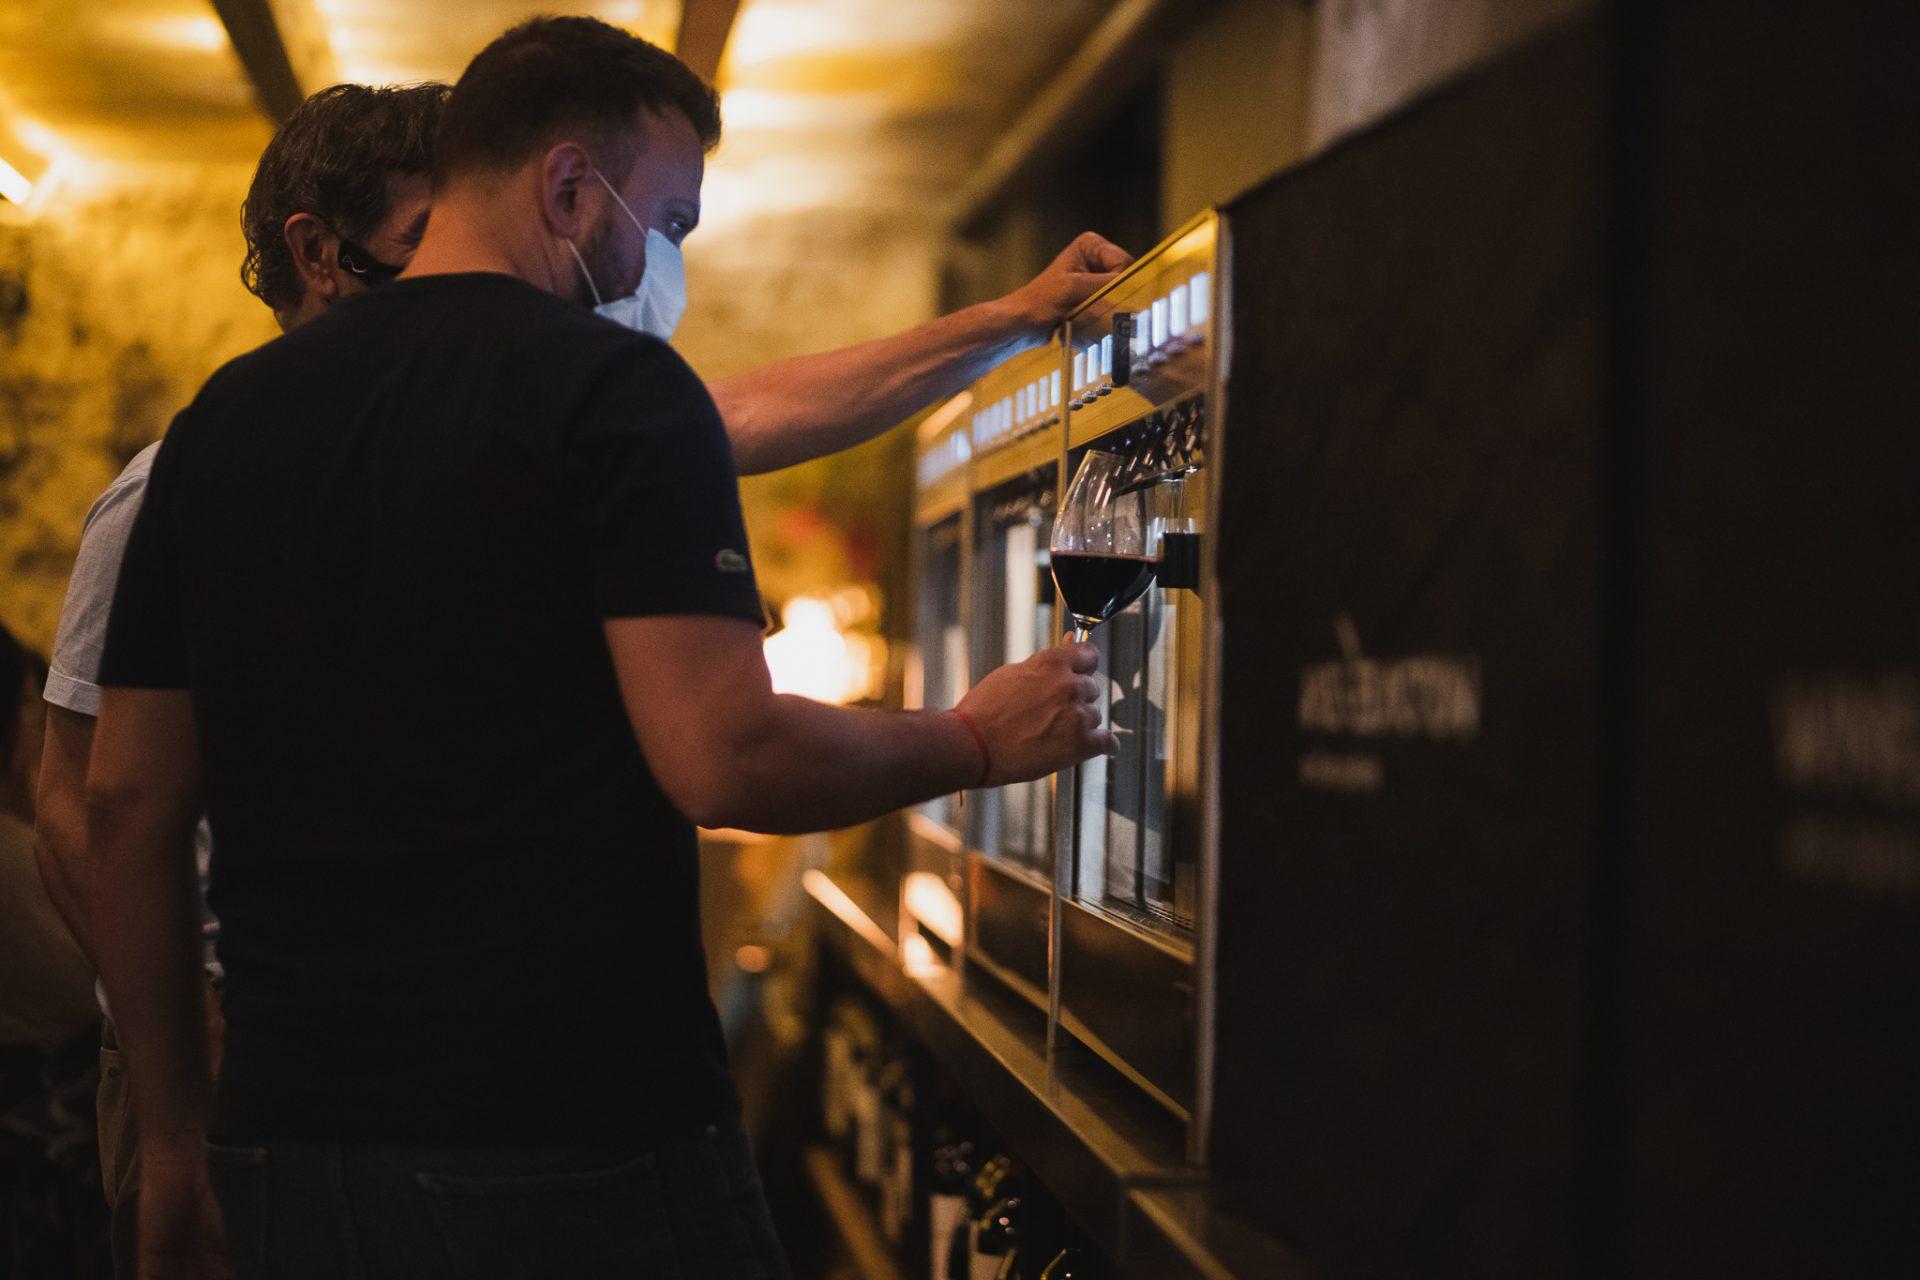 Personas utilizando las máquinas expendedoras de vinos del bar Vico Palermo.